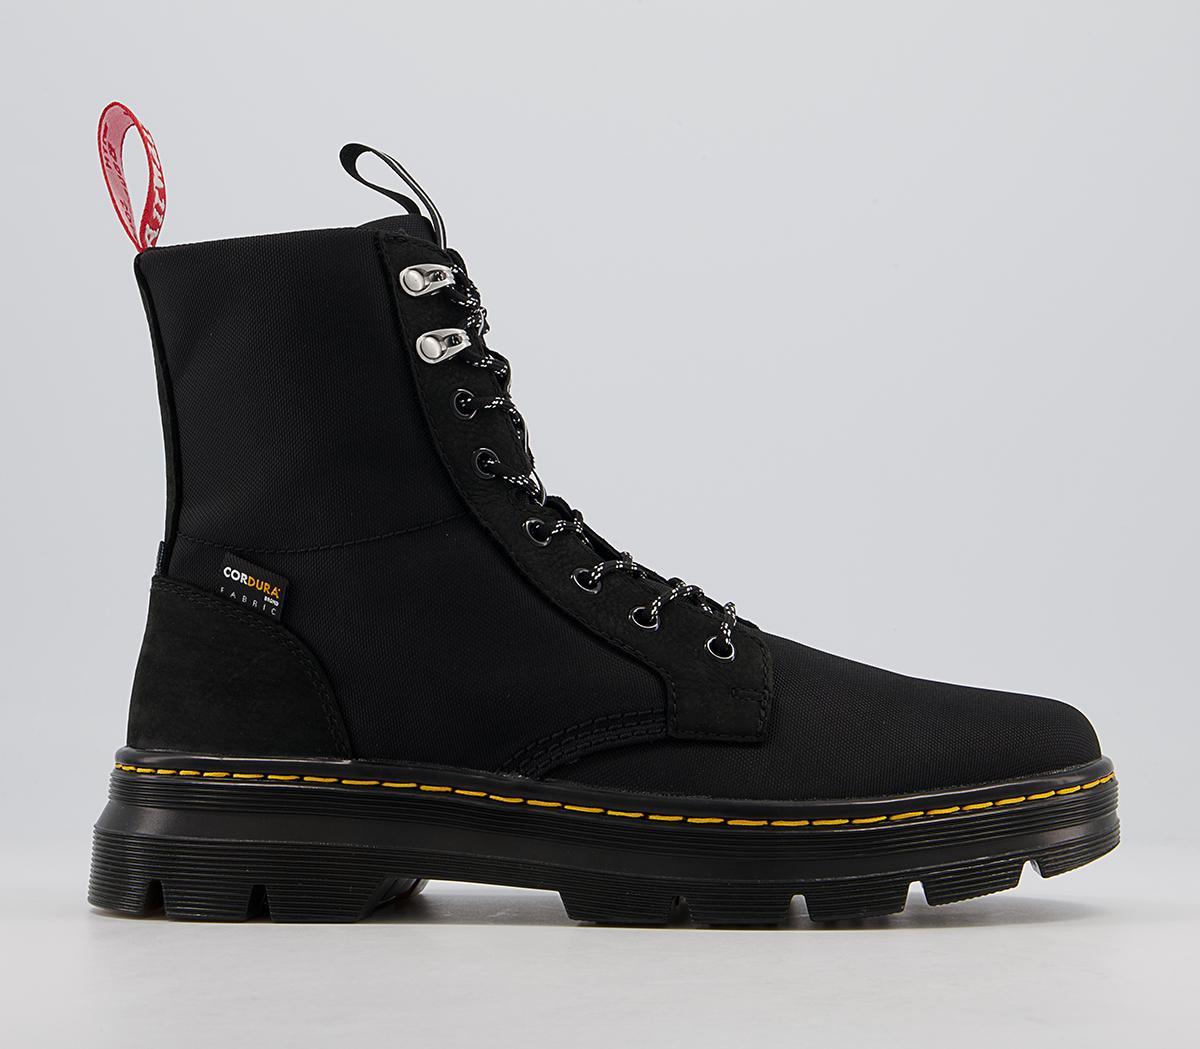 Combs II Herschel Boots